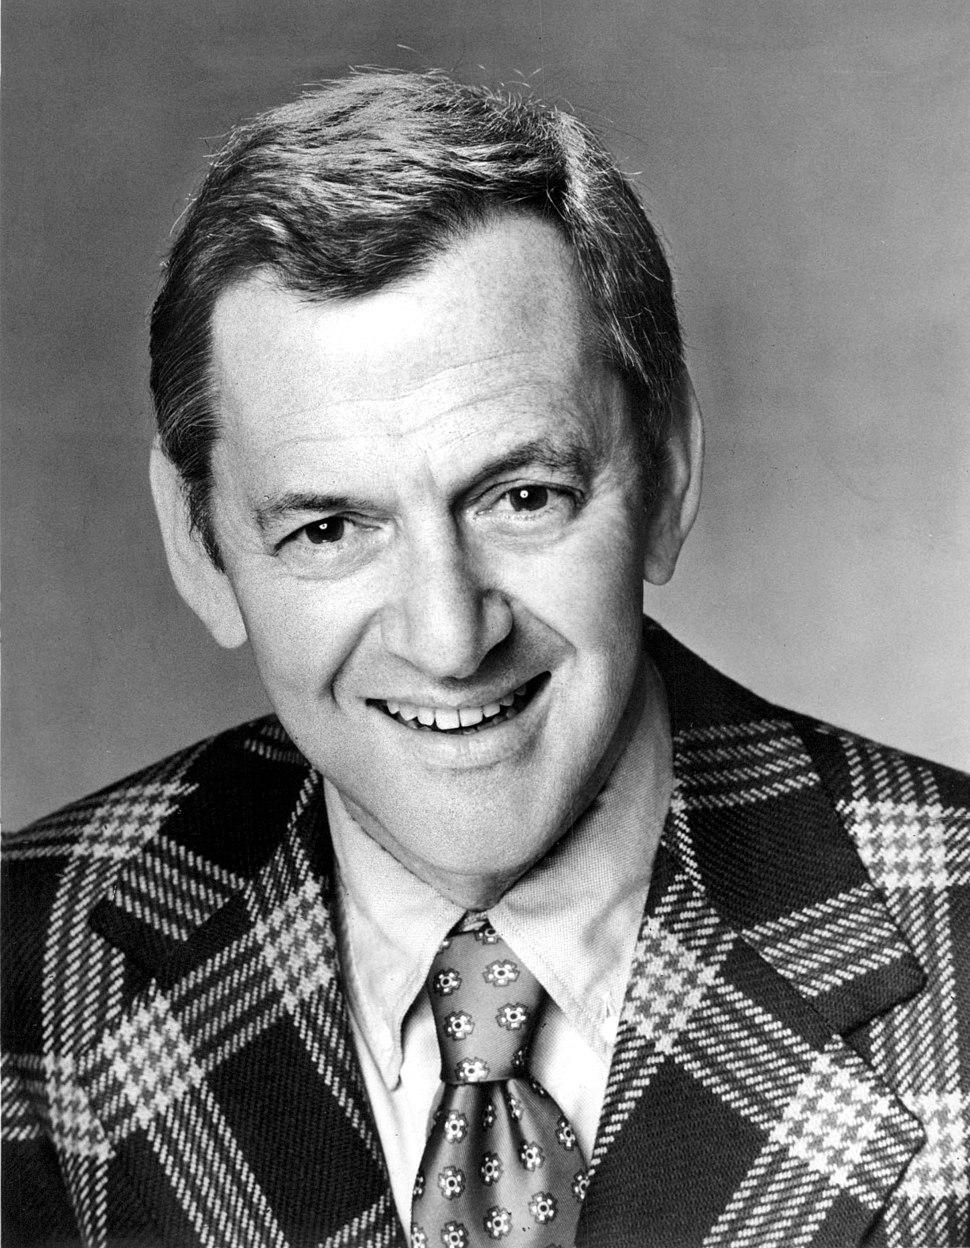 1976 Tony Randall